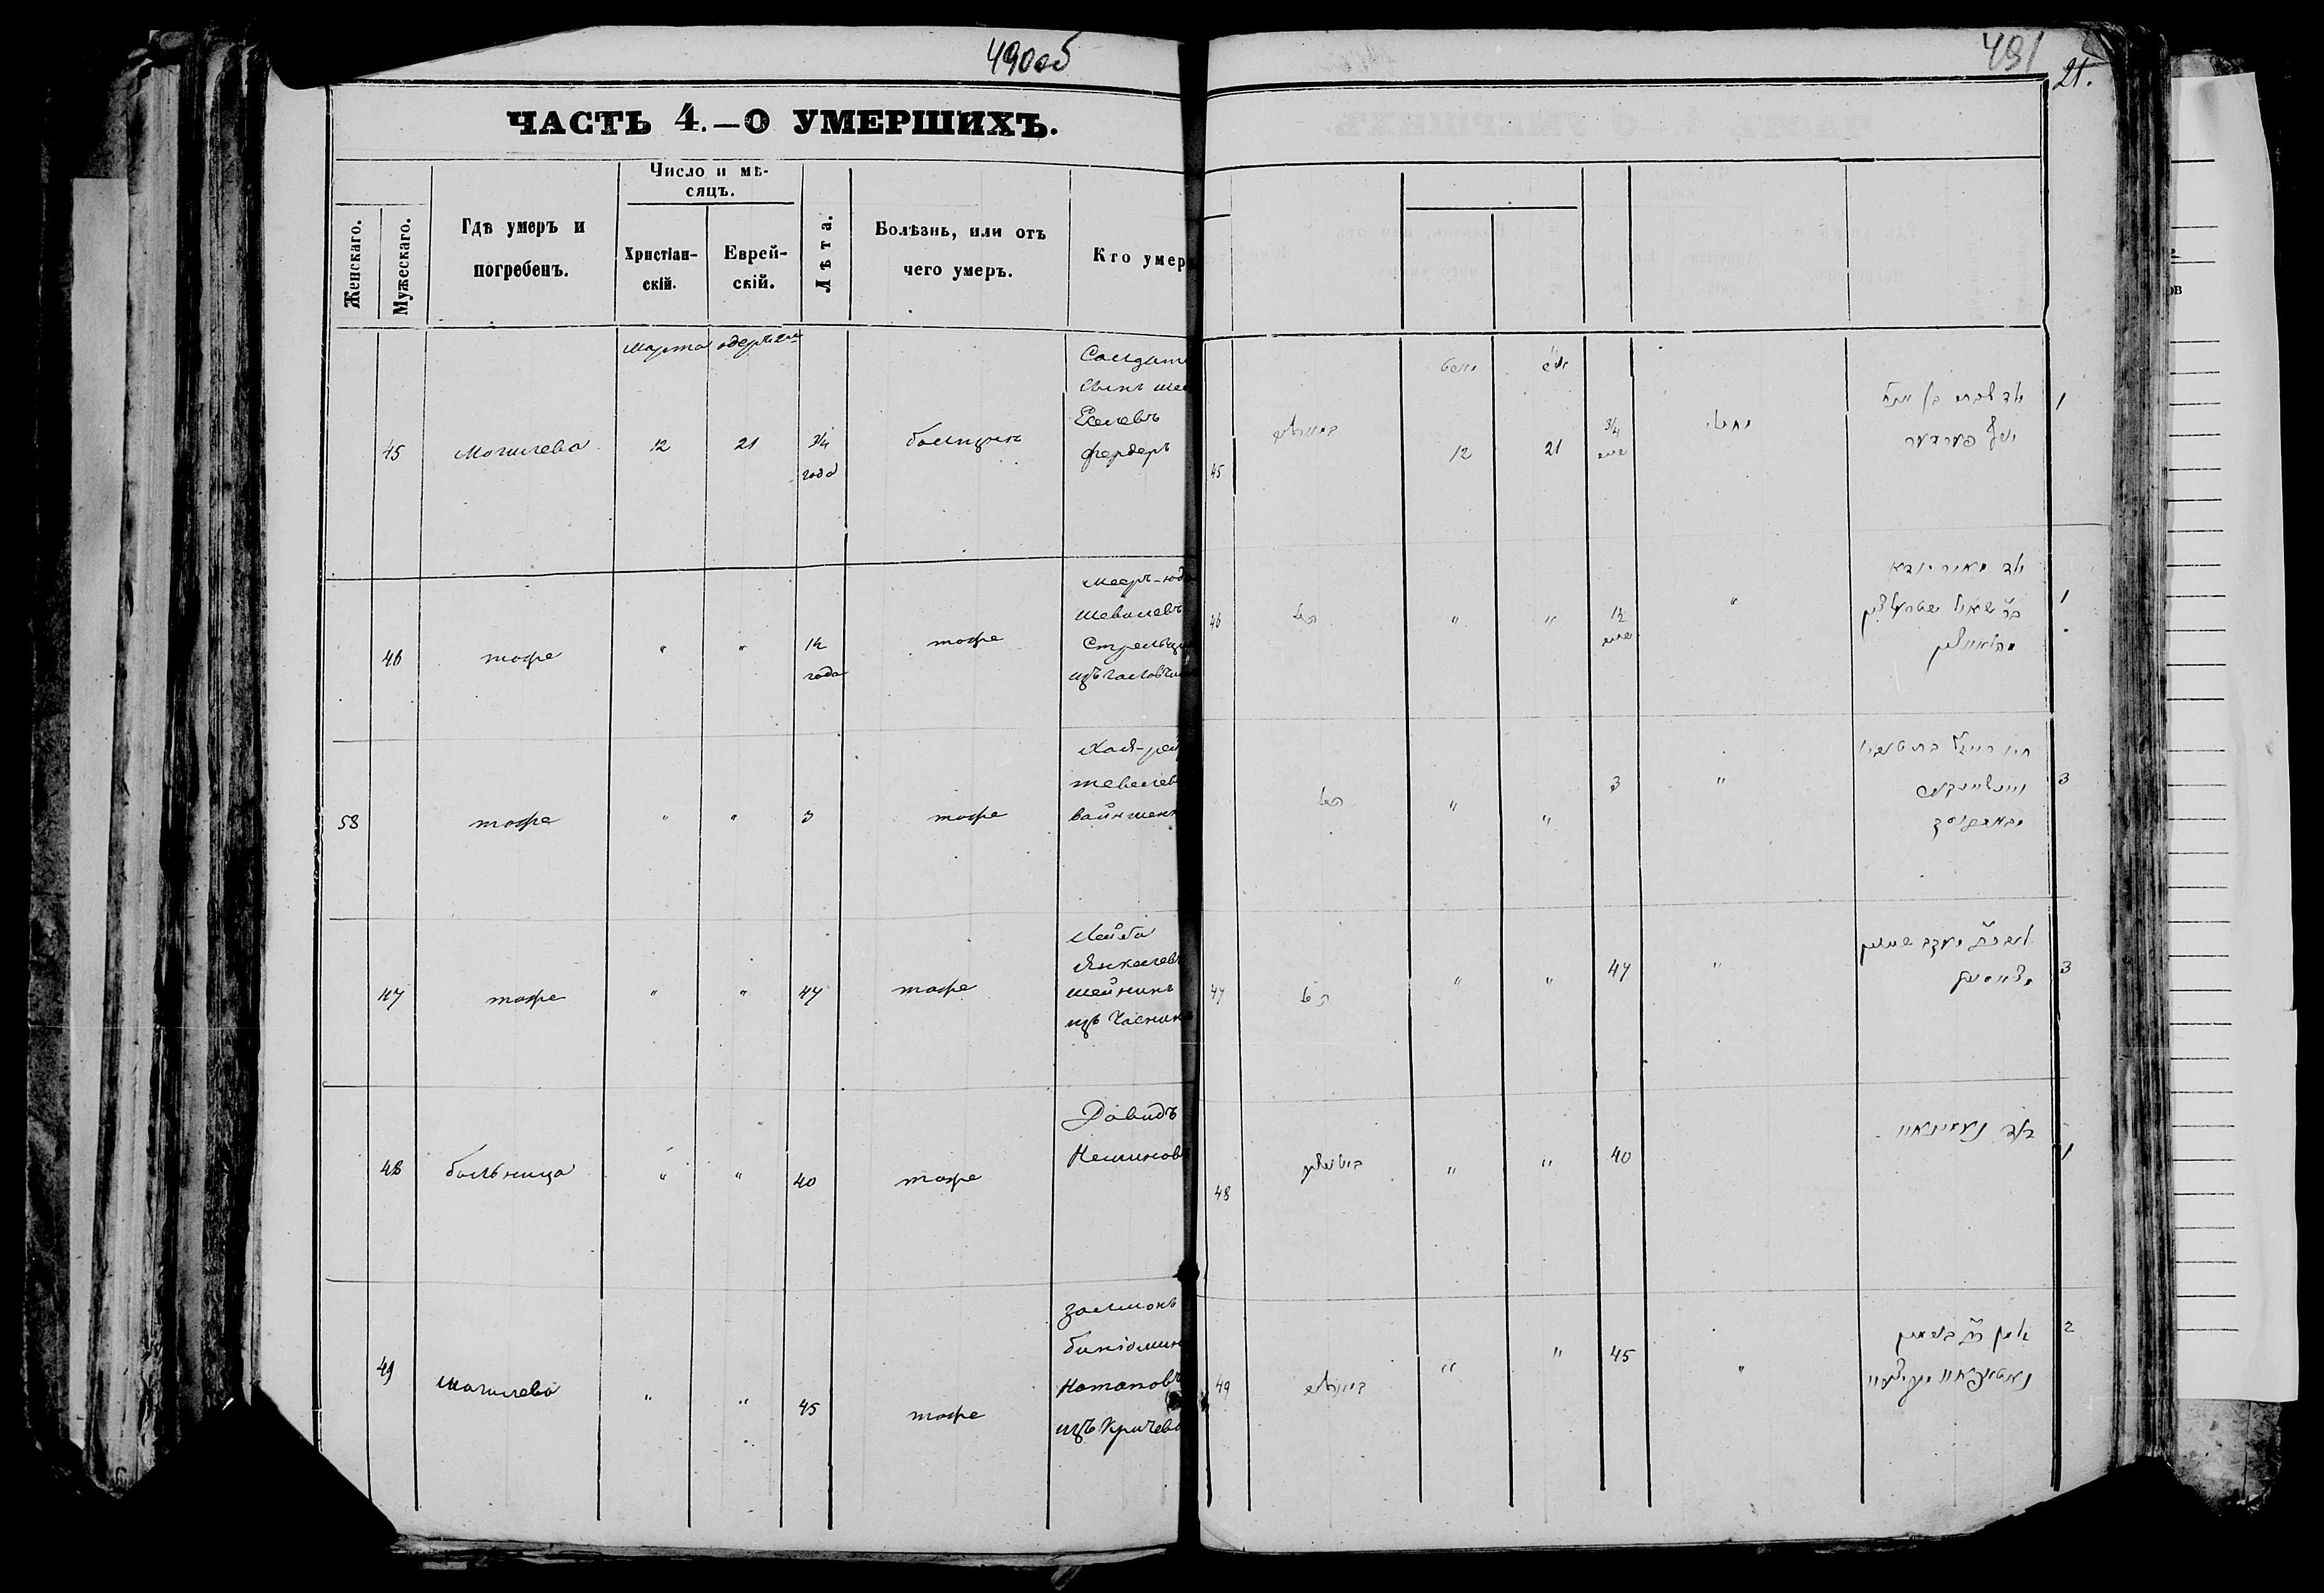 Меер-Юда Шевилевич Стрельцын ум. 12 марта 1870, запись 46, пленка 007766480, снимок 514